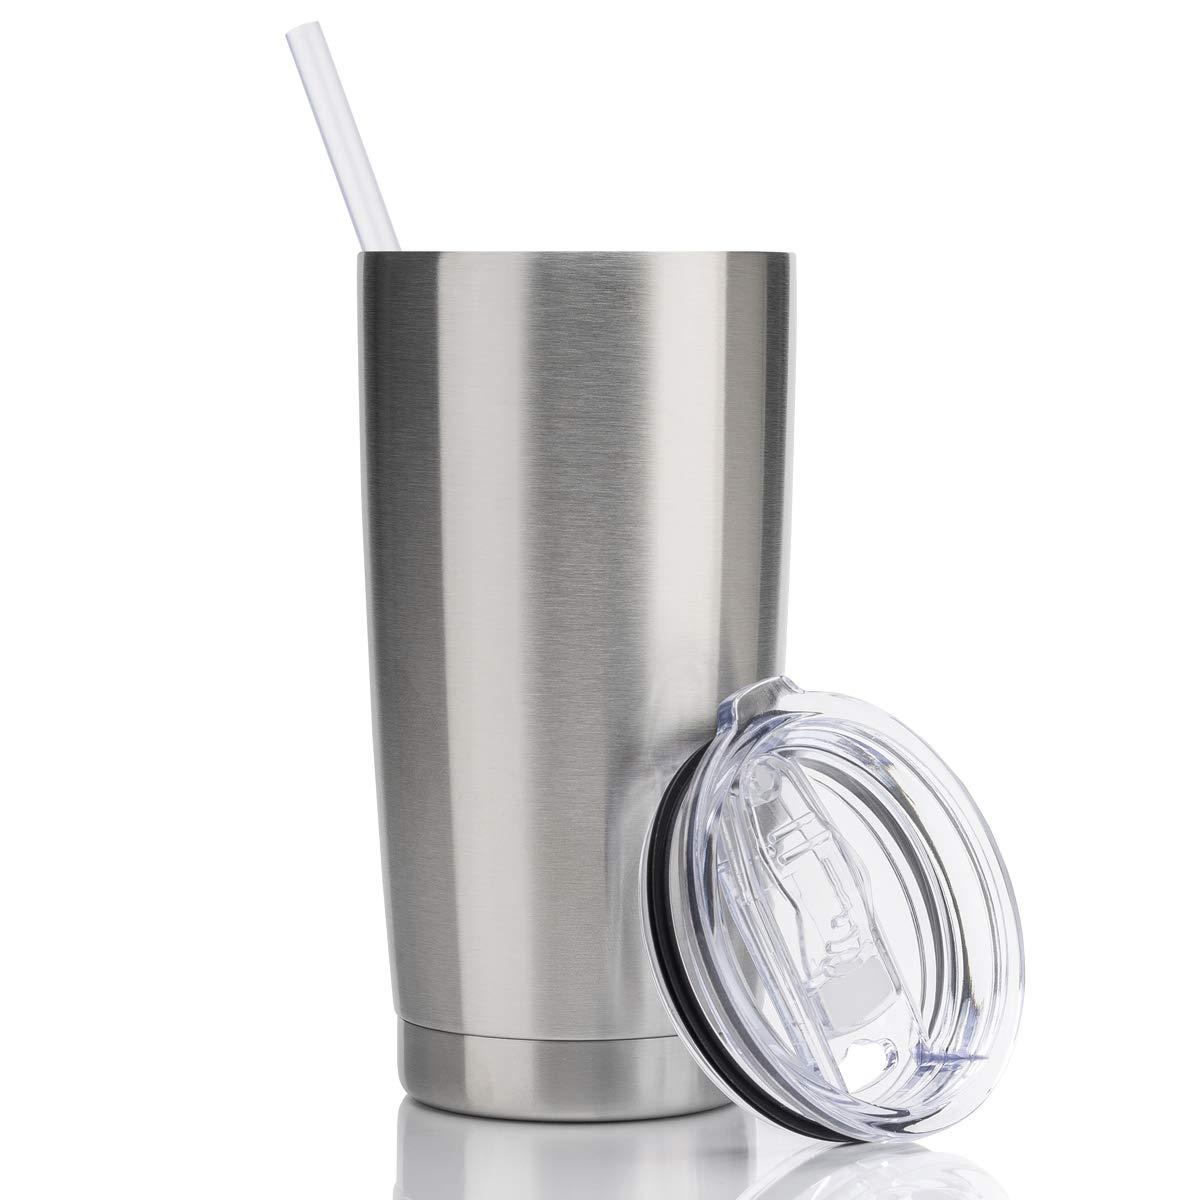 Amazon.com: Civago - Vaso de café de acero inoxidable con ...